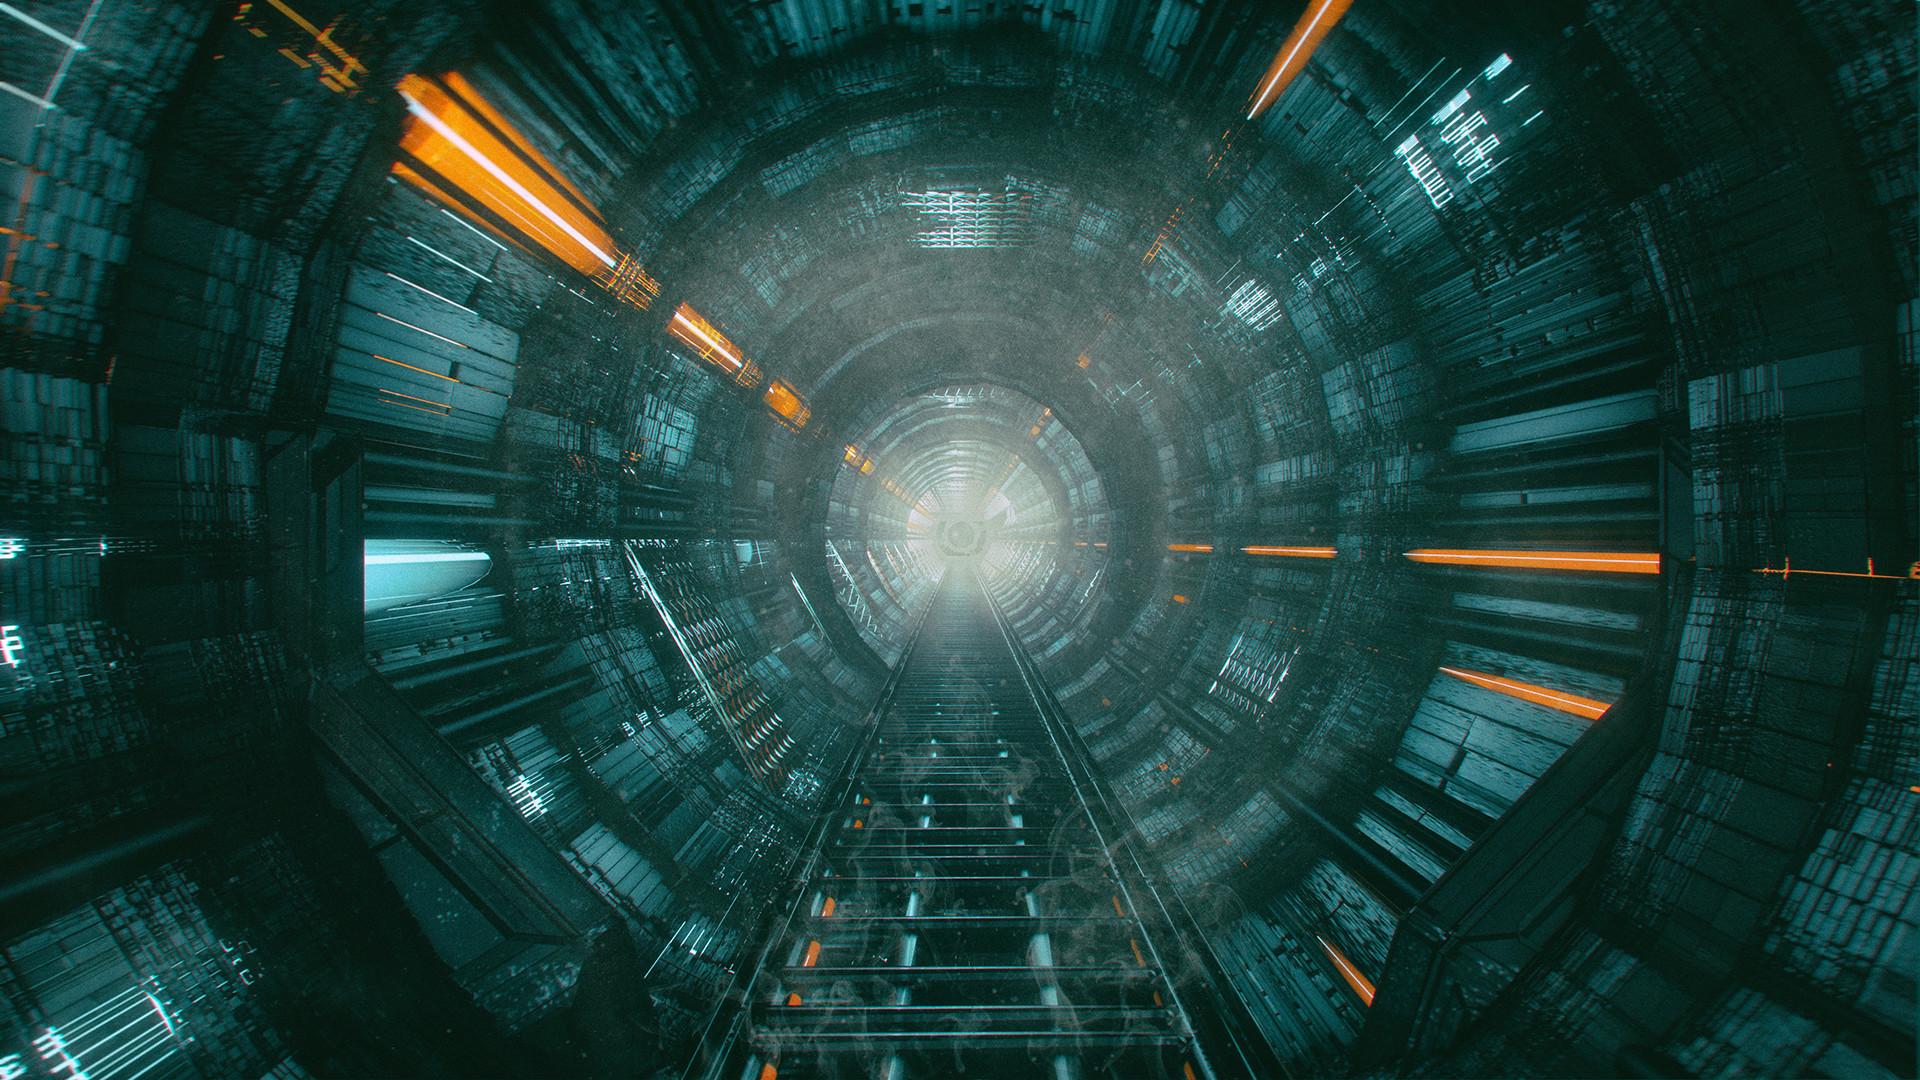 Kresimir jelusic 131 17 02 16 loading tunnel